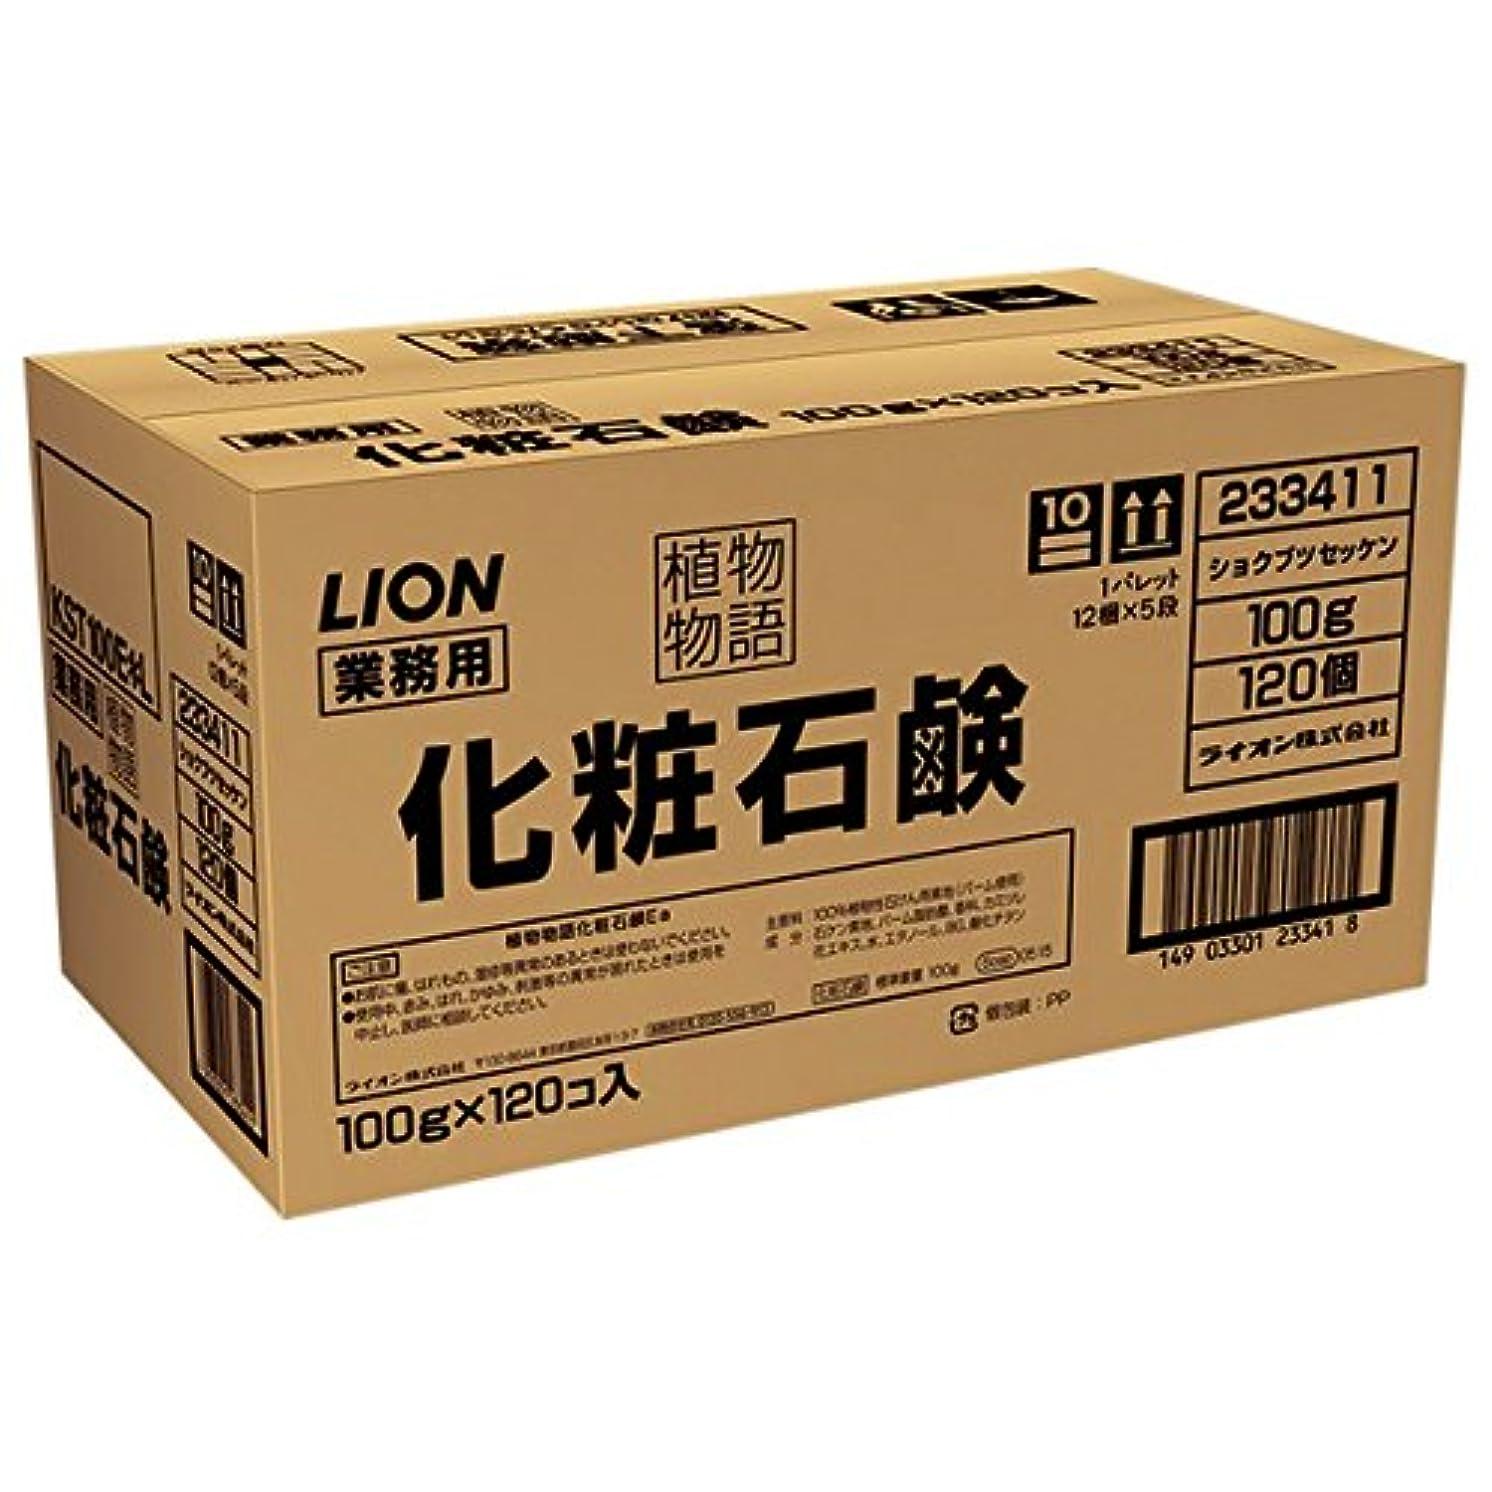 場合鳥笑ライオン 植物物語 化粧石鹸 業務用 100g 1箱(120個)